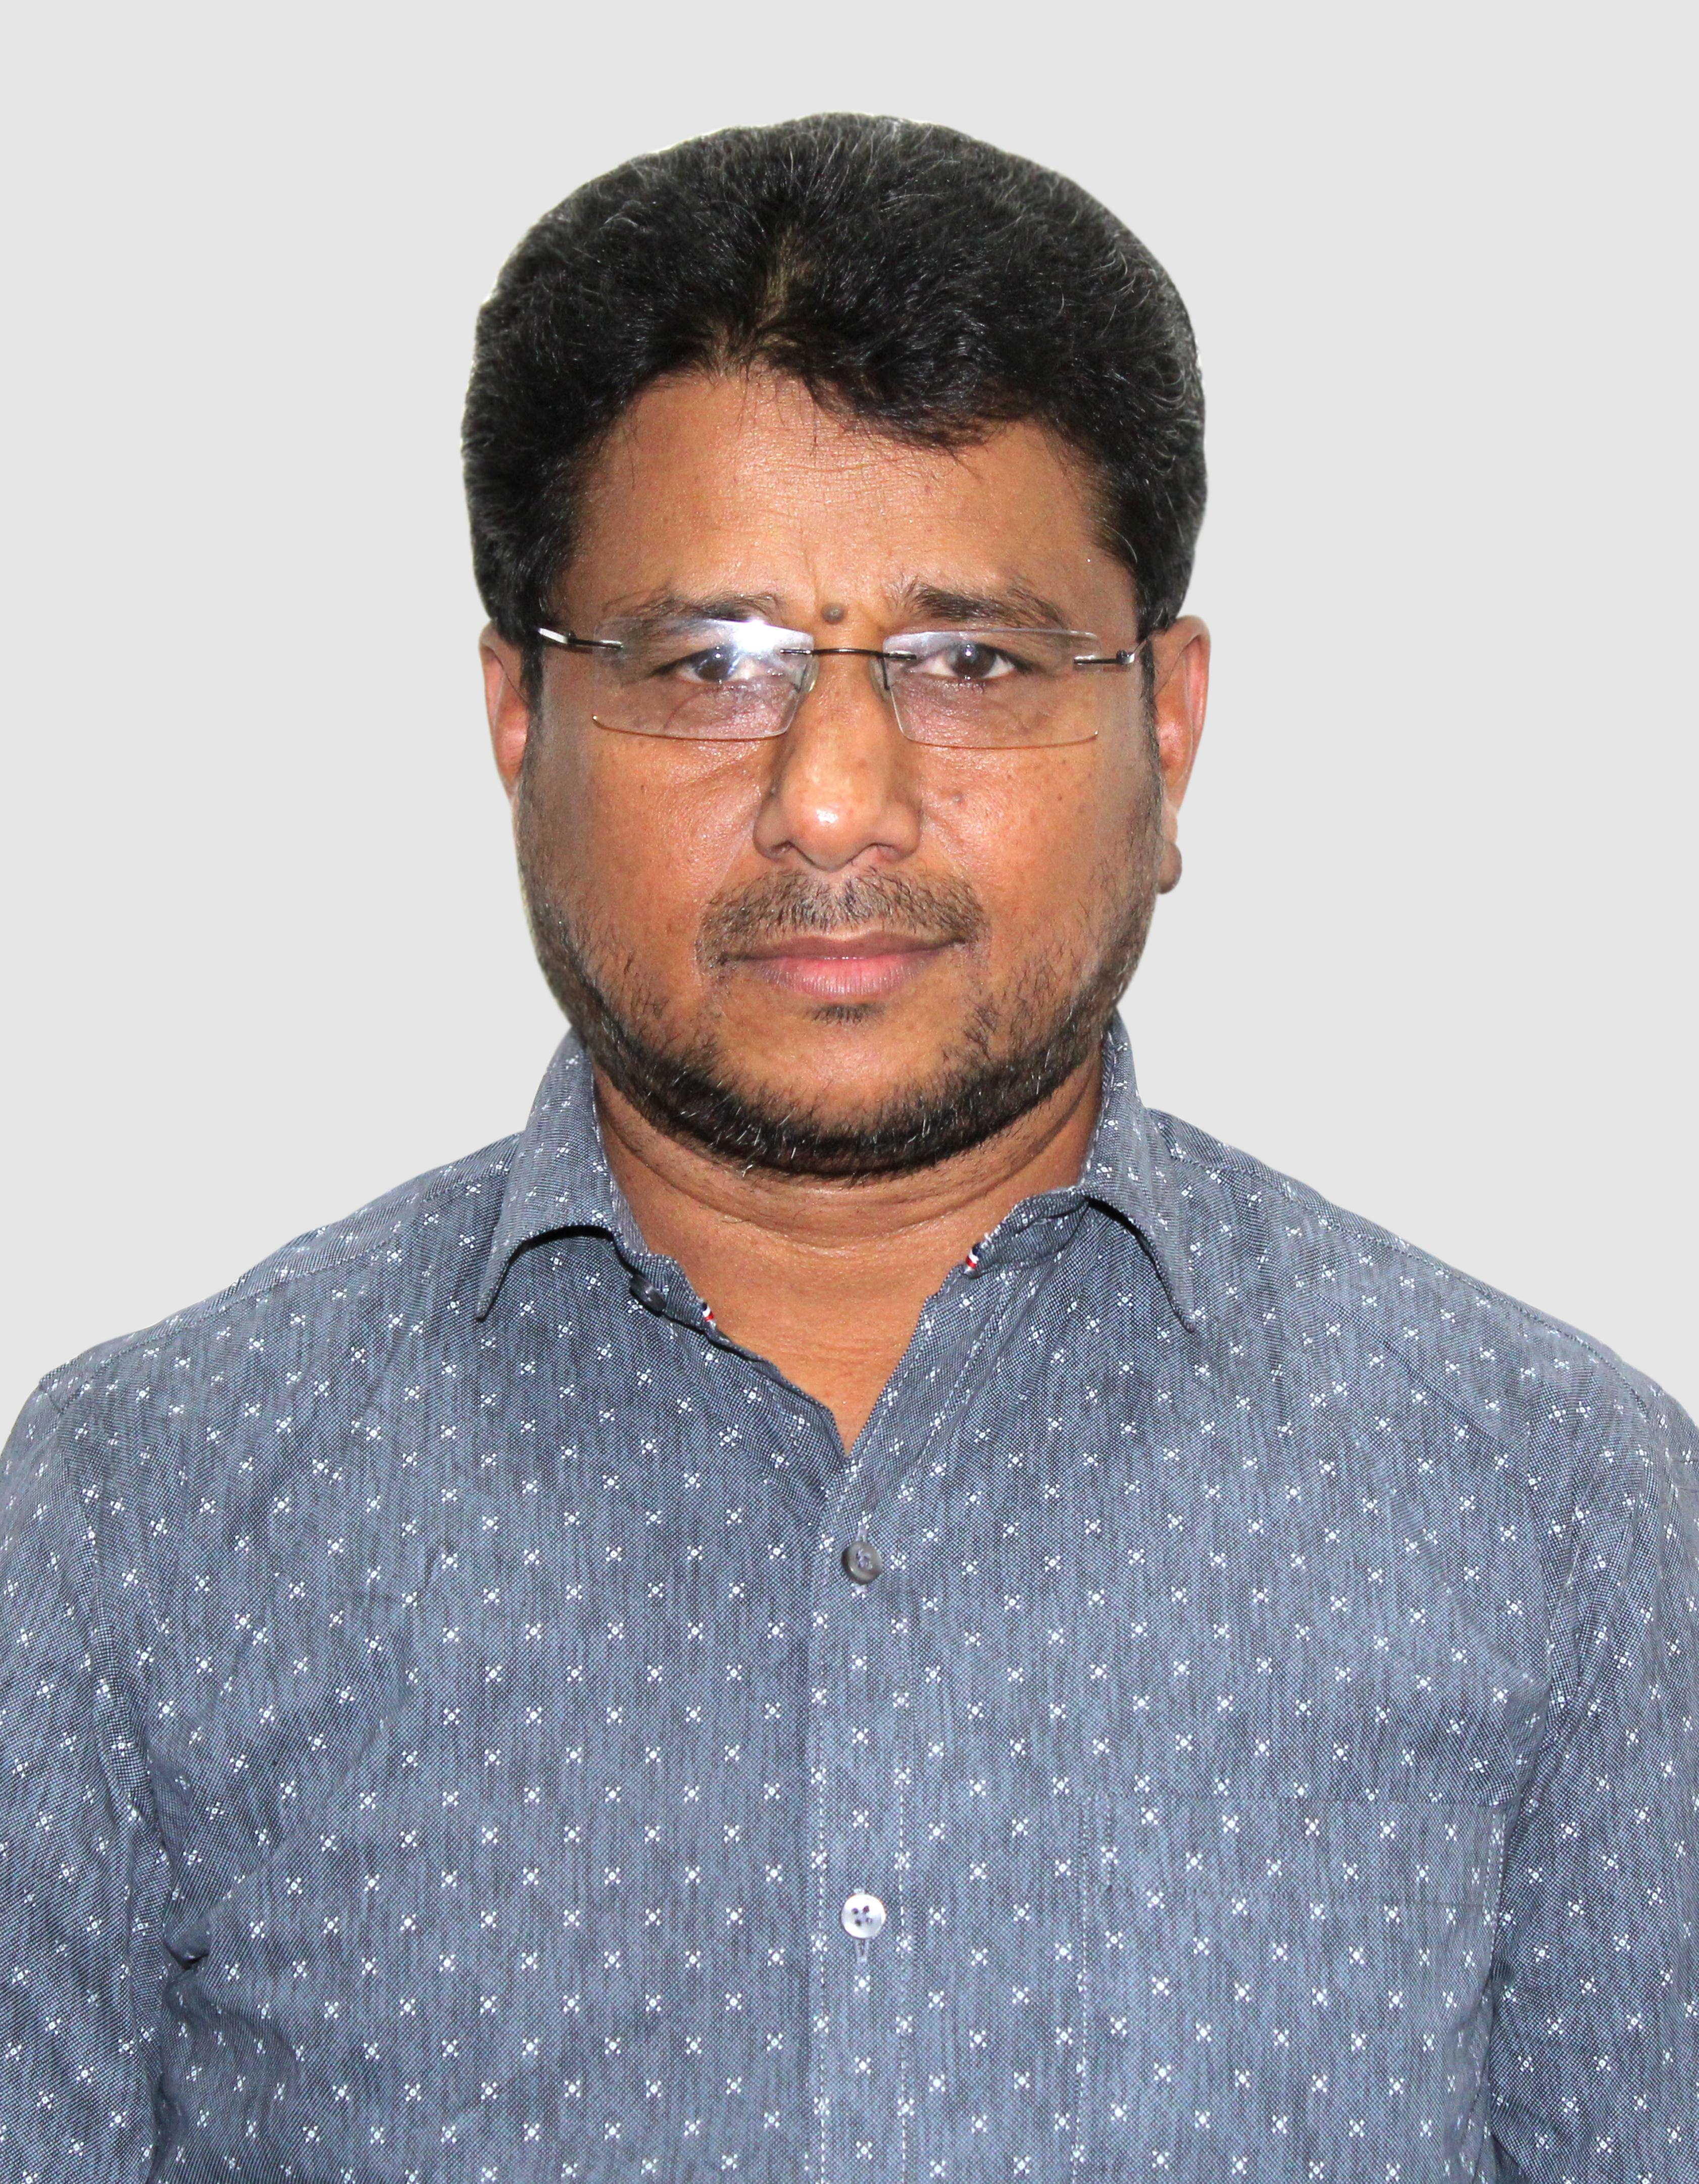 Mohd Hanifa